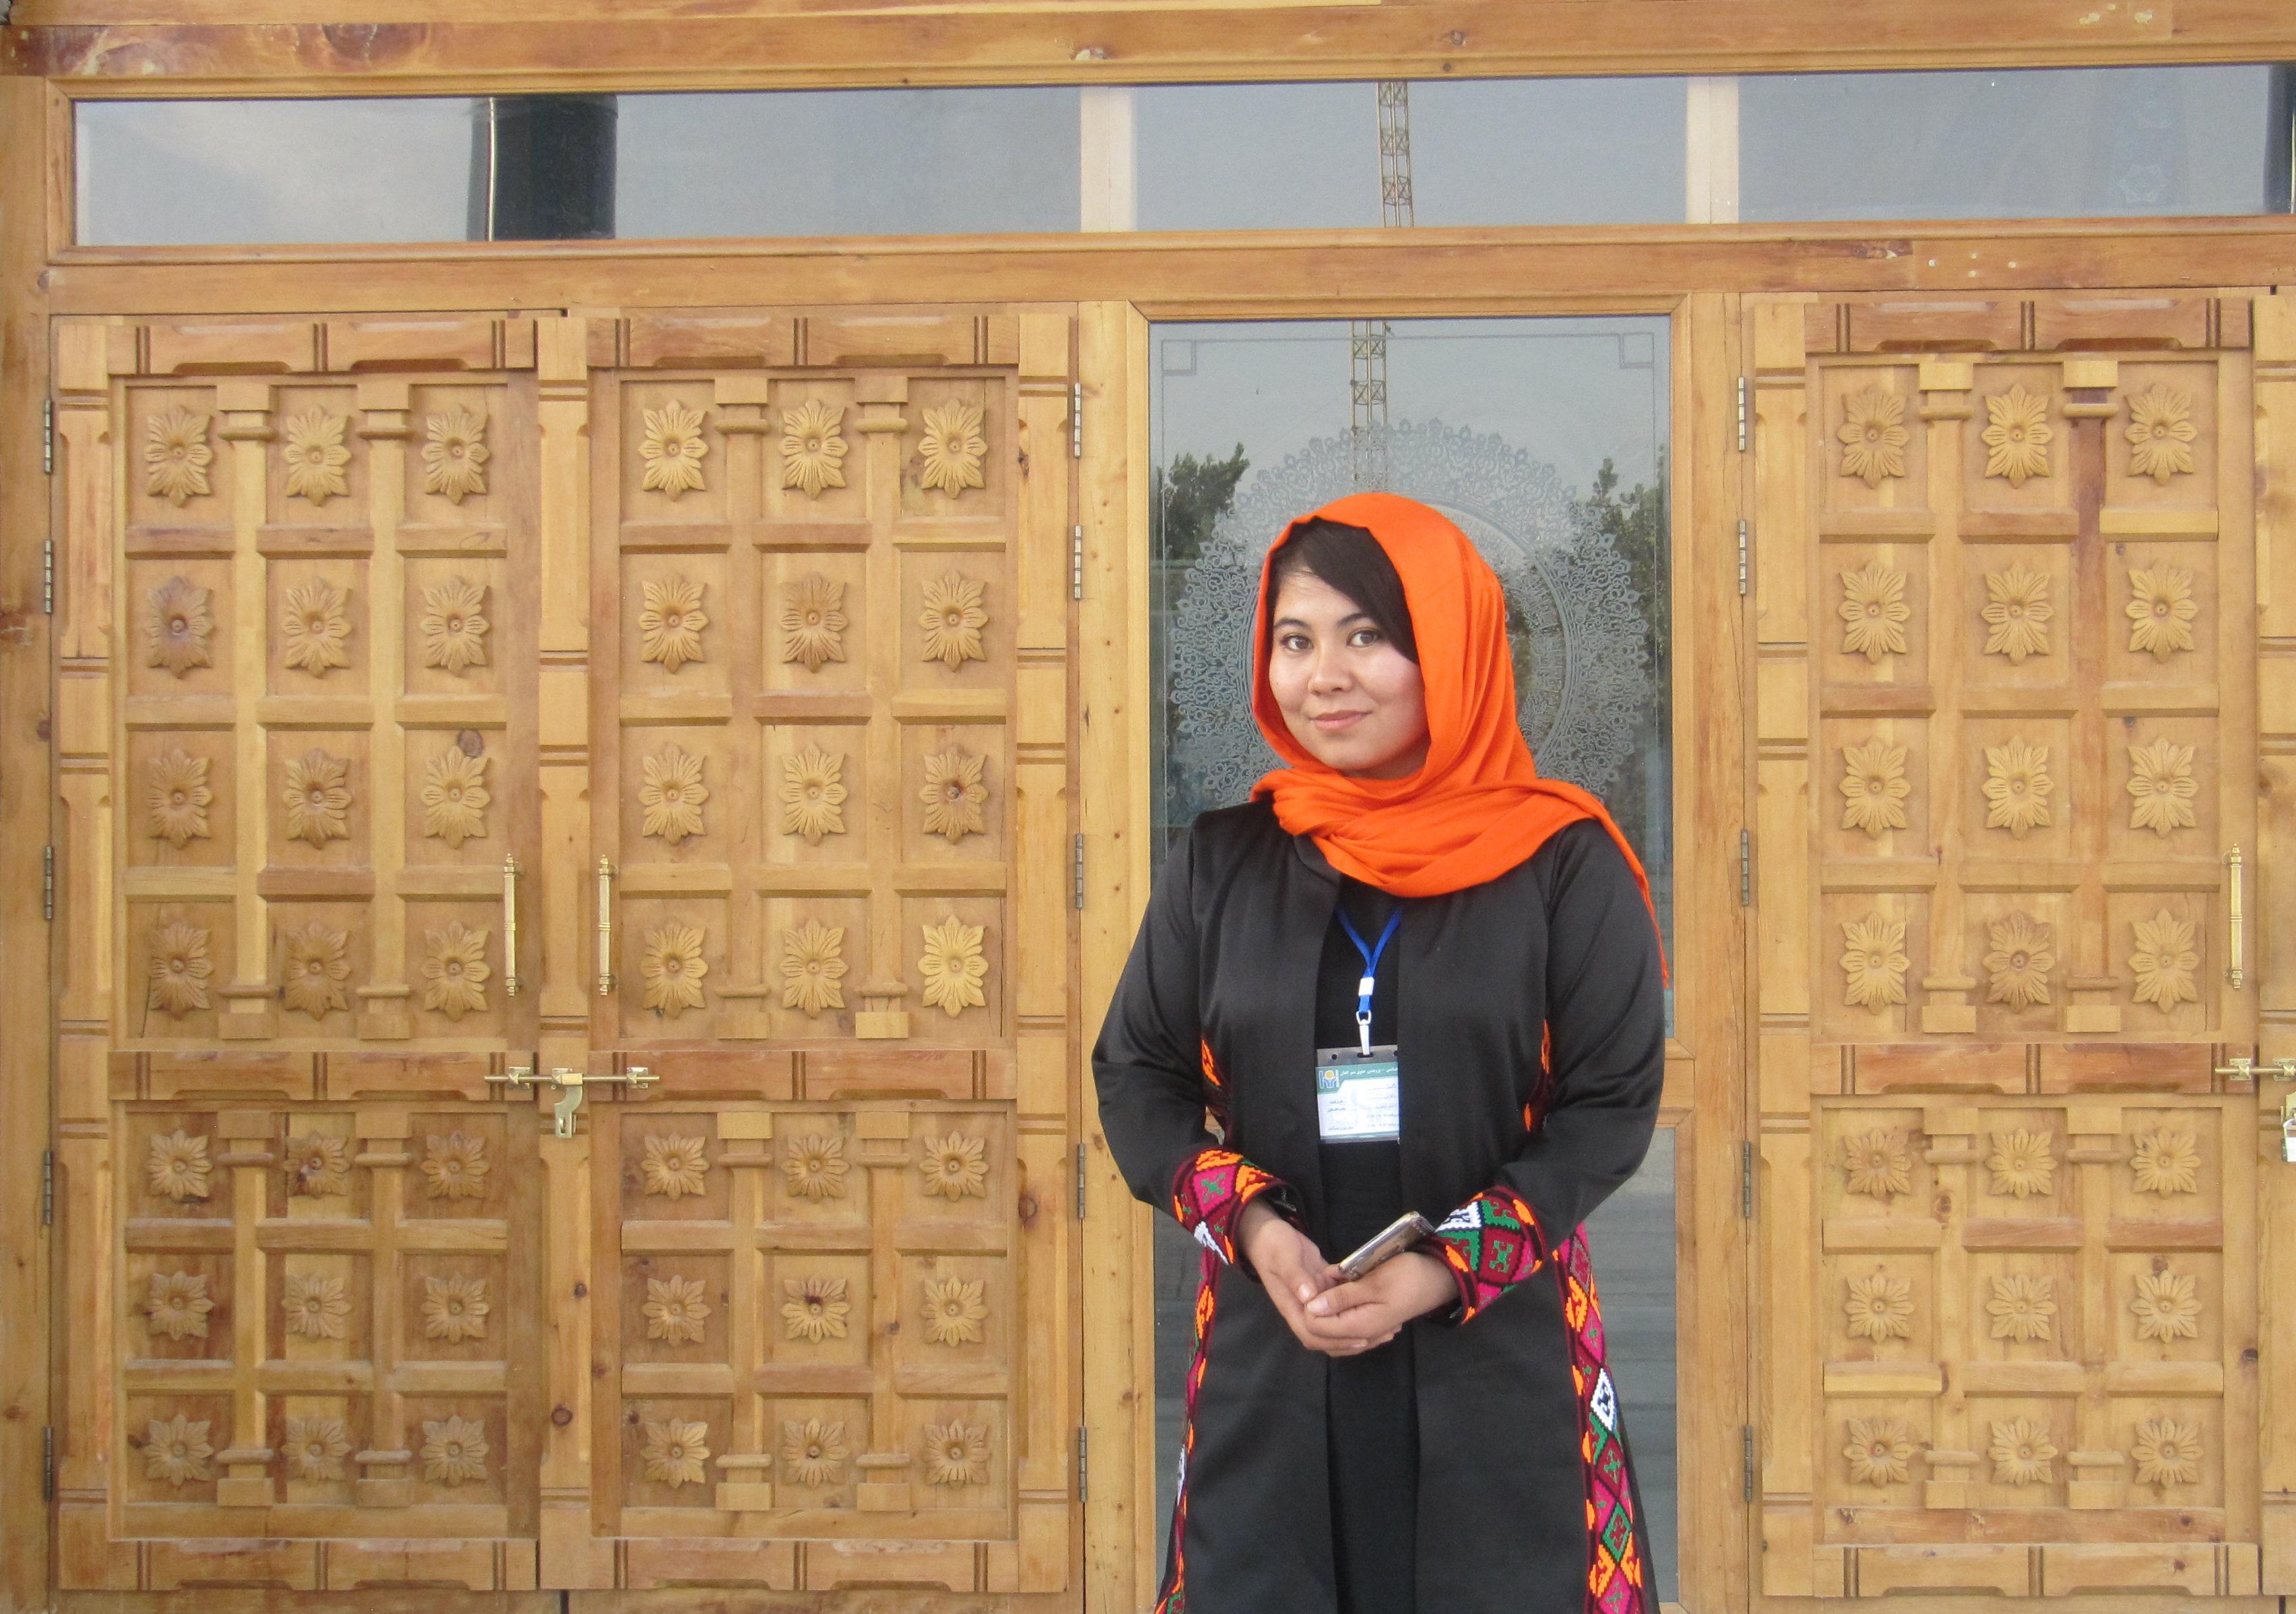 مصاحبه با زهرا رضایی فعال زنان در افغانستان